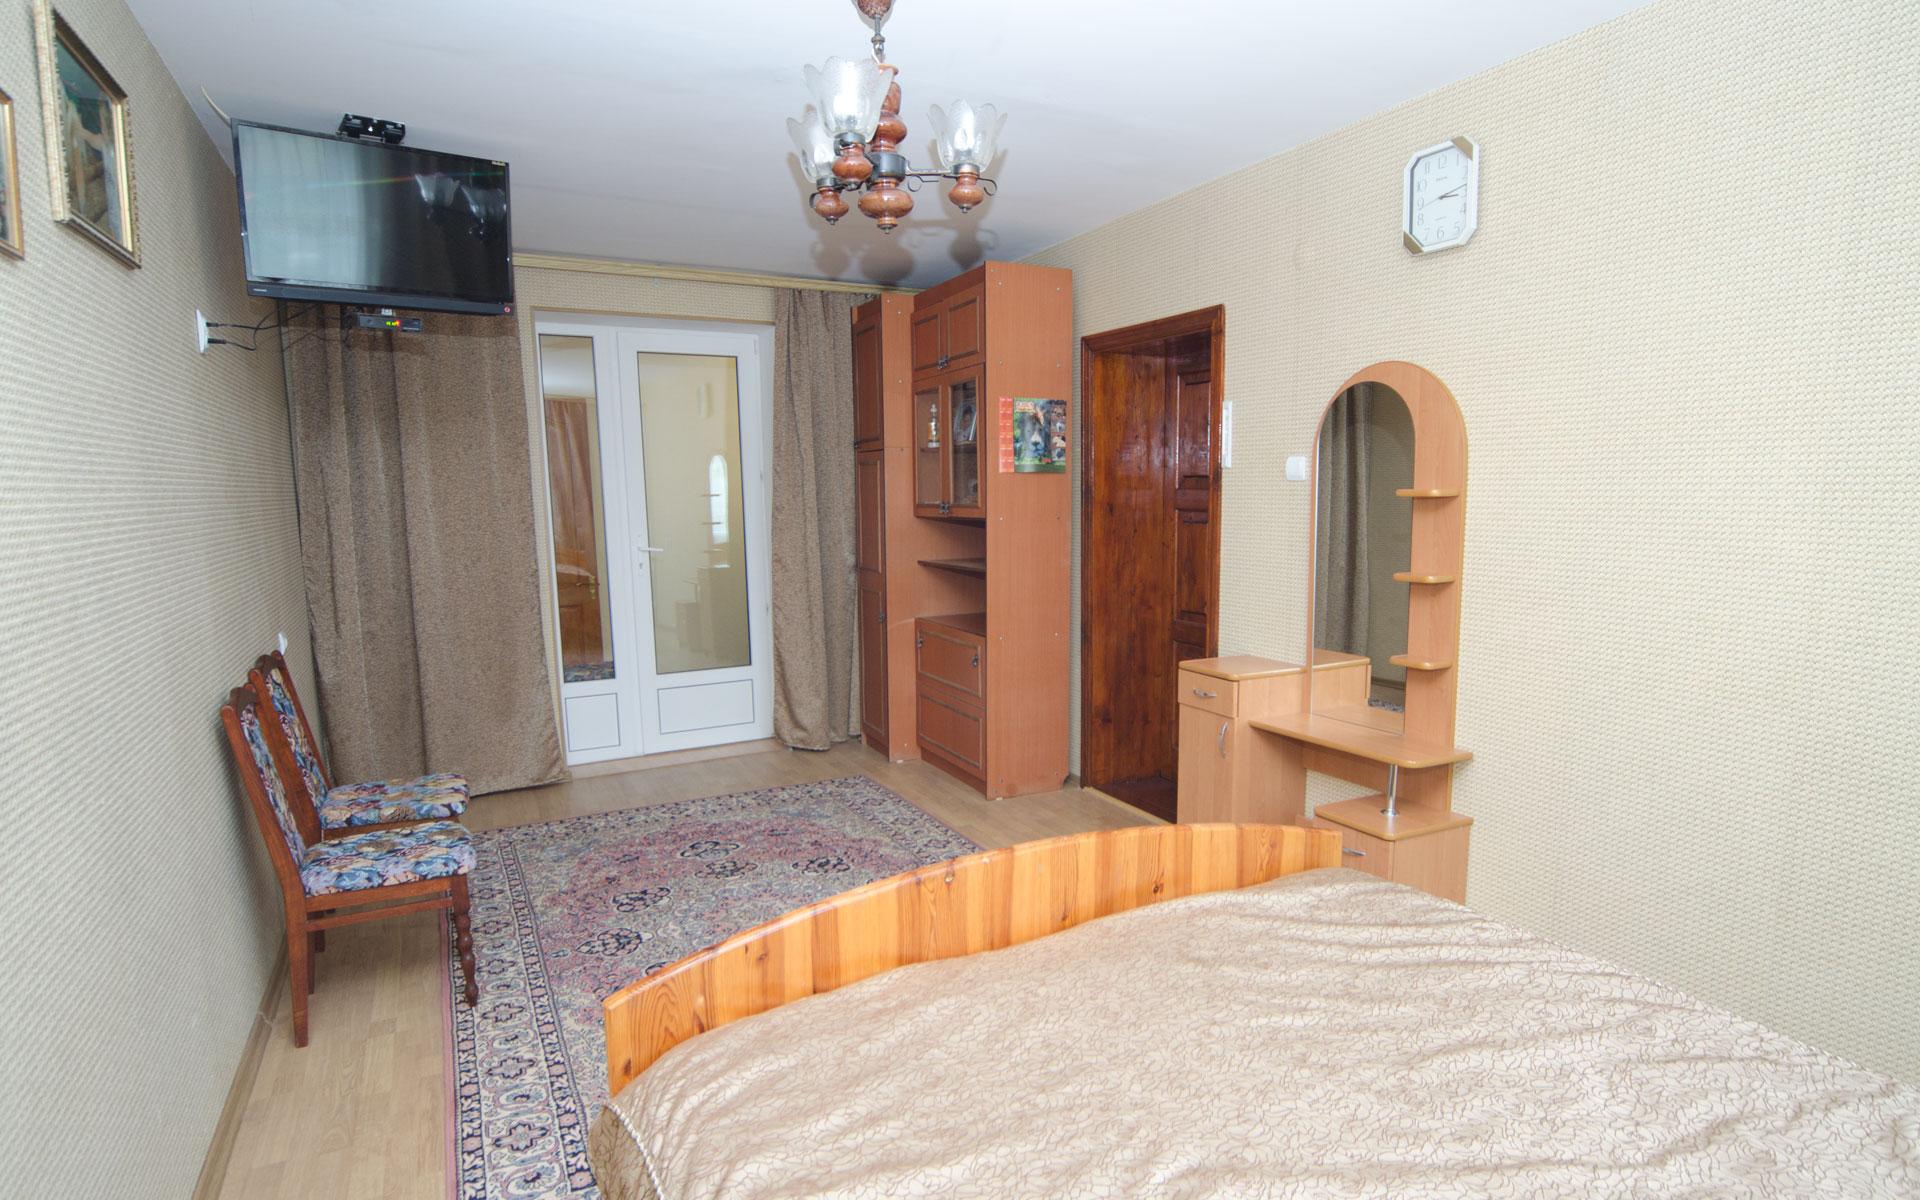 Комната на первом этаже. Дом под ключ на ул. Морской. Дома под ключ Заозёрного